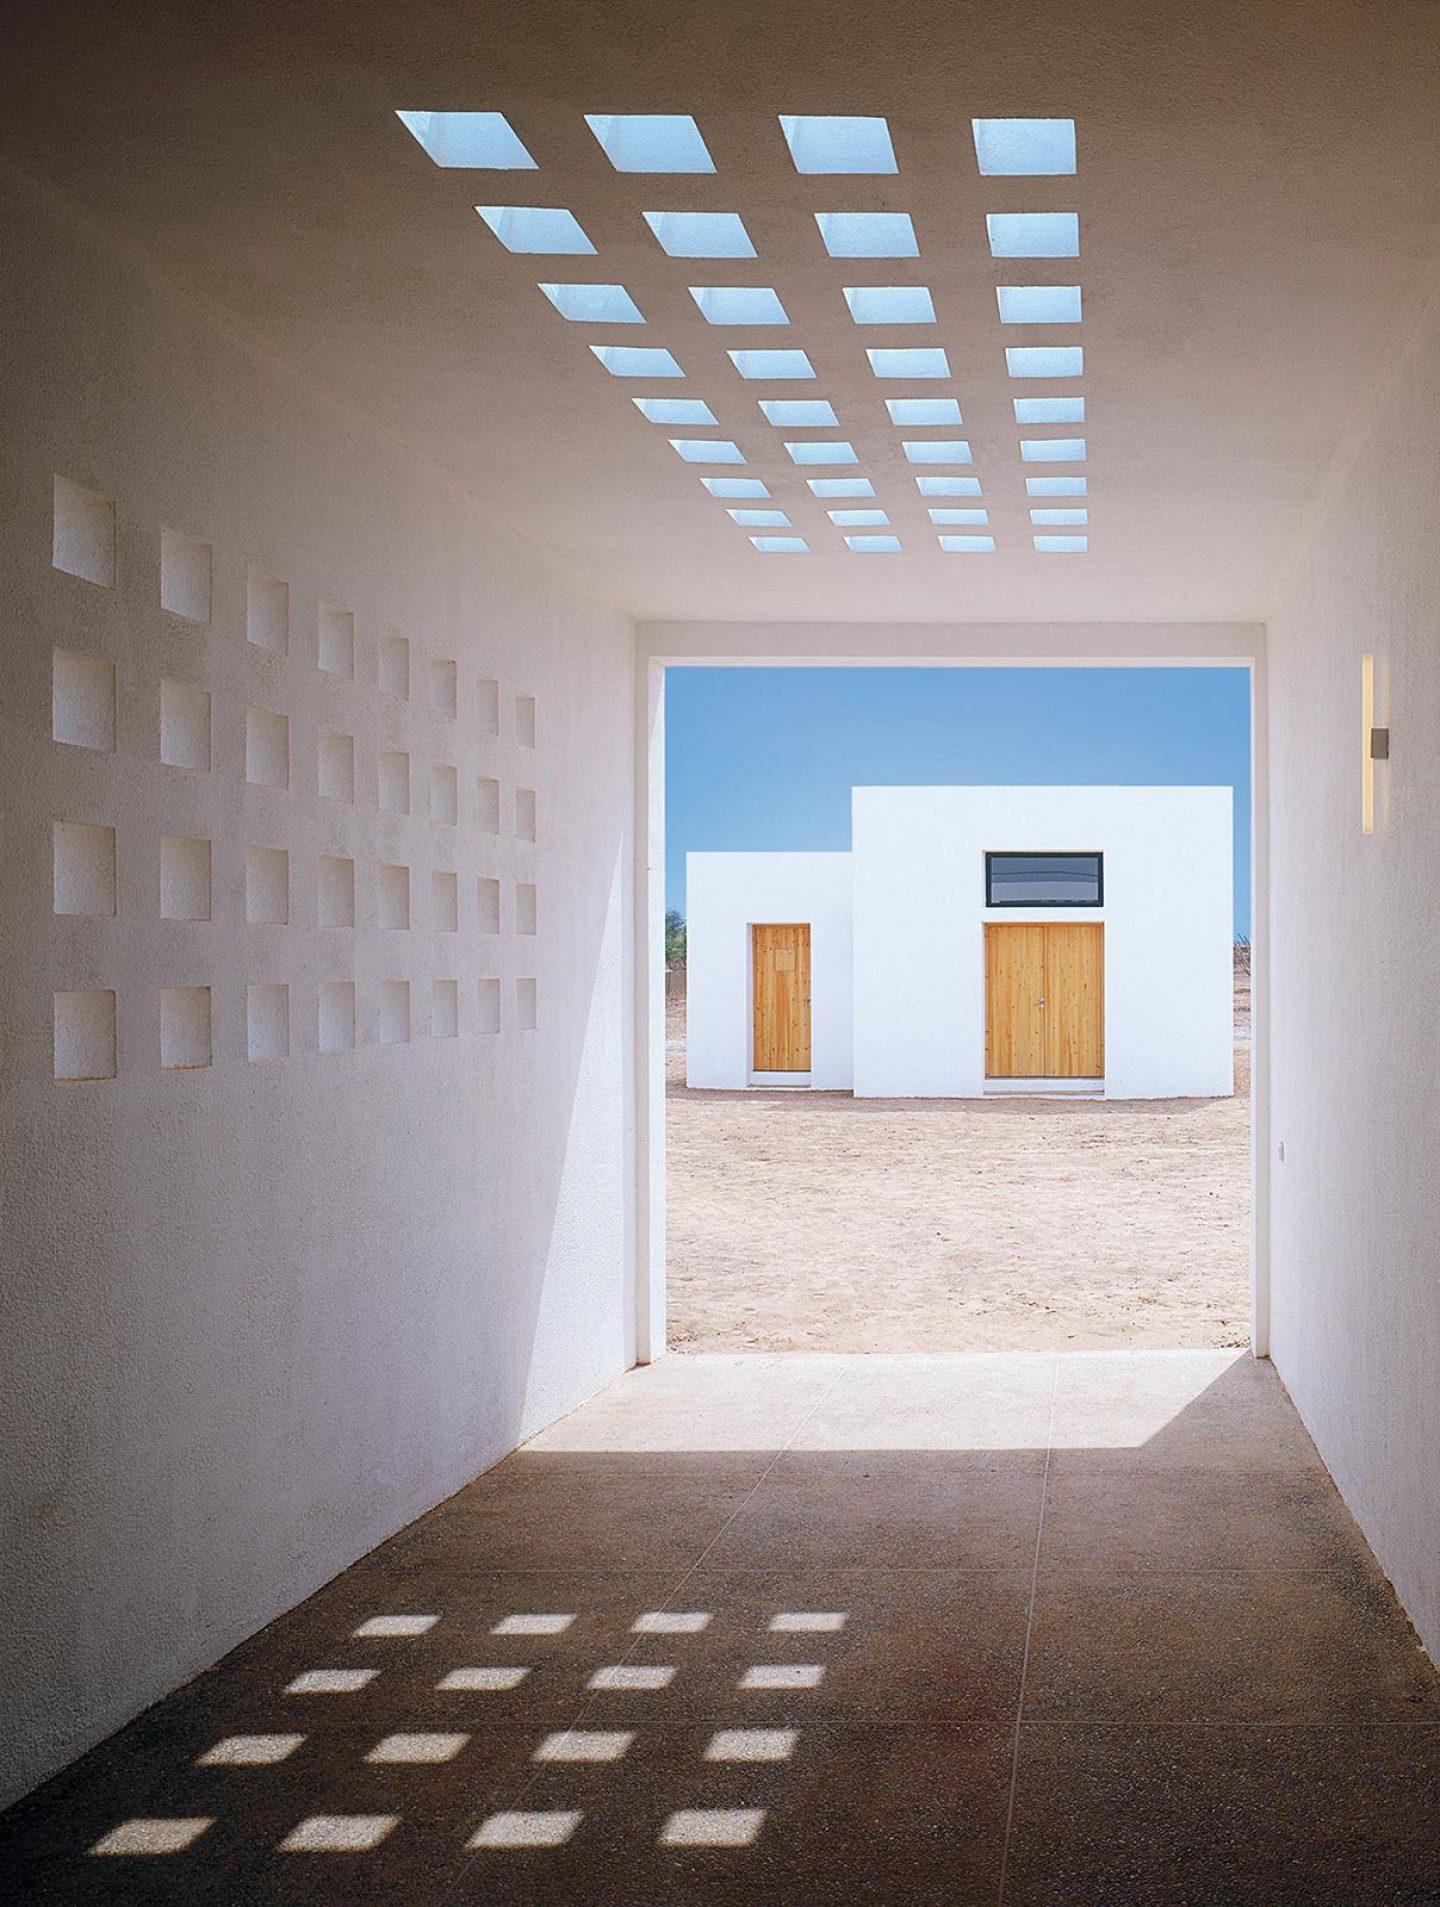 ignant-architecture-guilhem-eustache-fobe-house-05